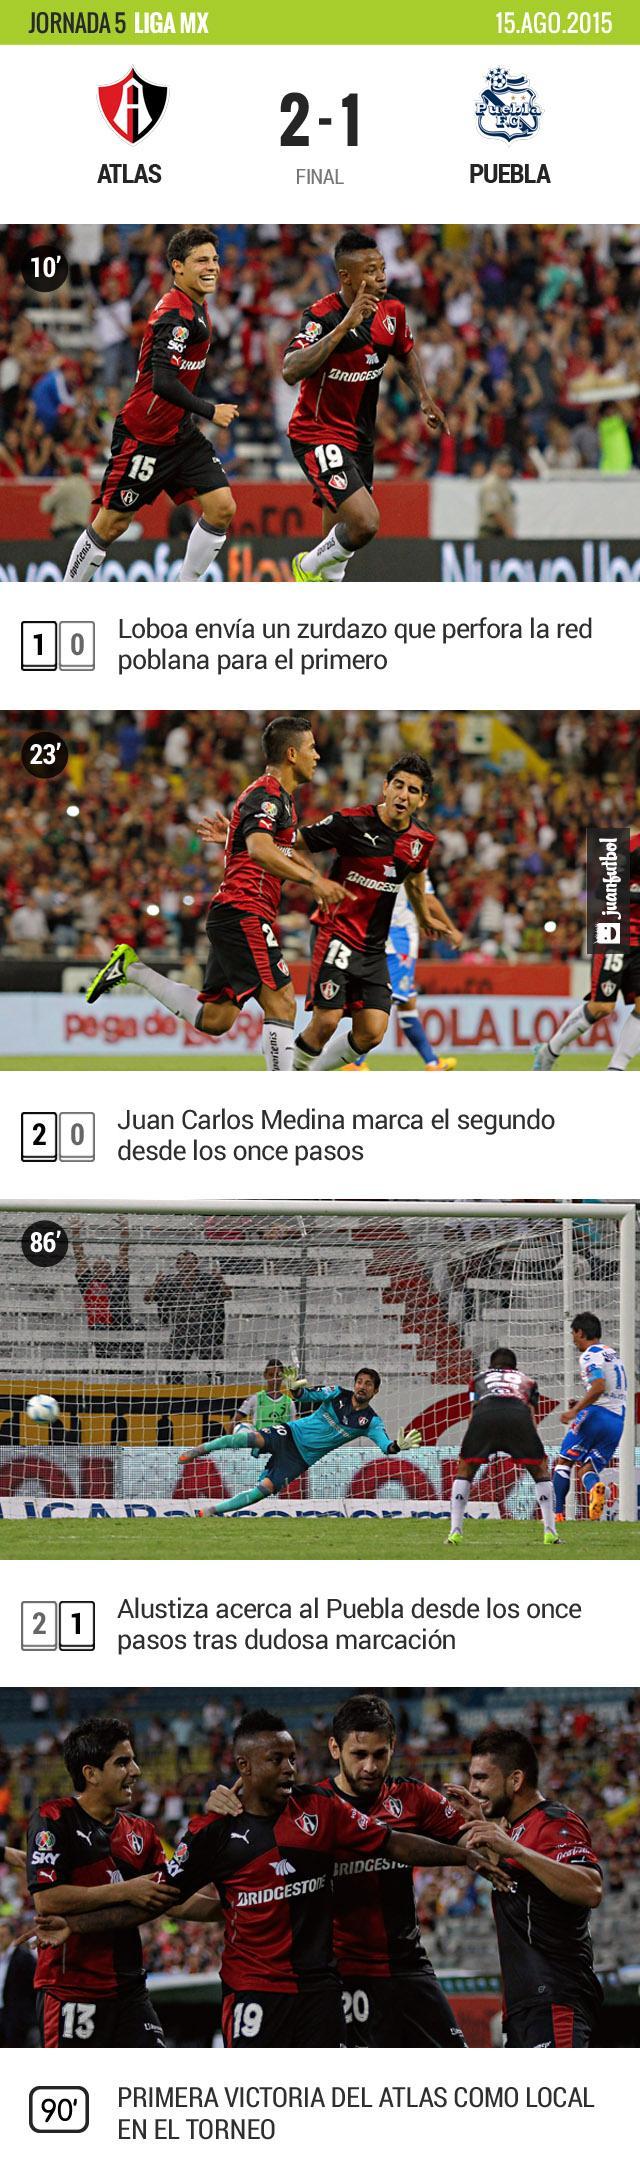 Atlas venció 2-1 al Puebla